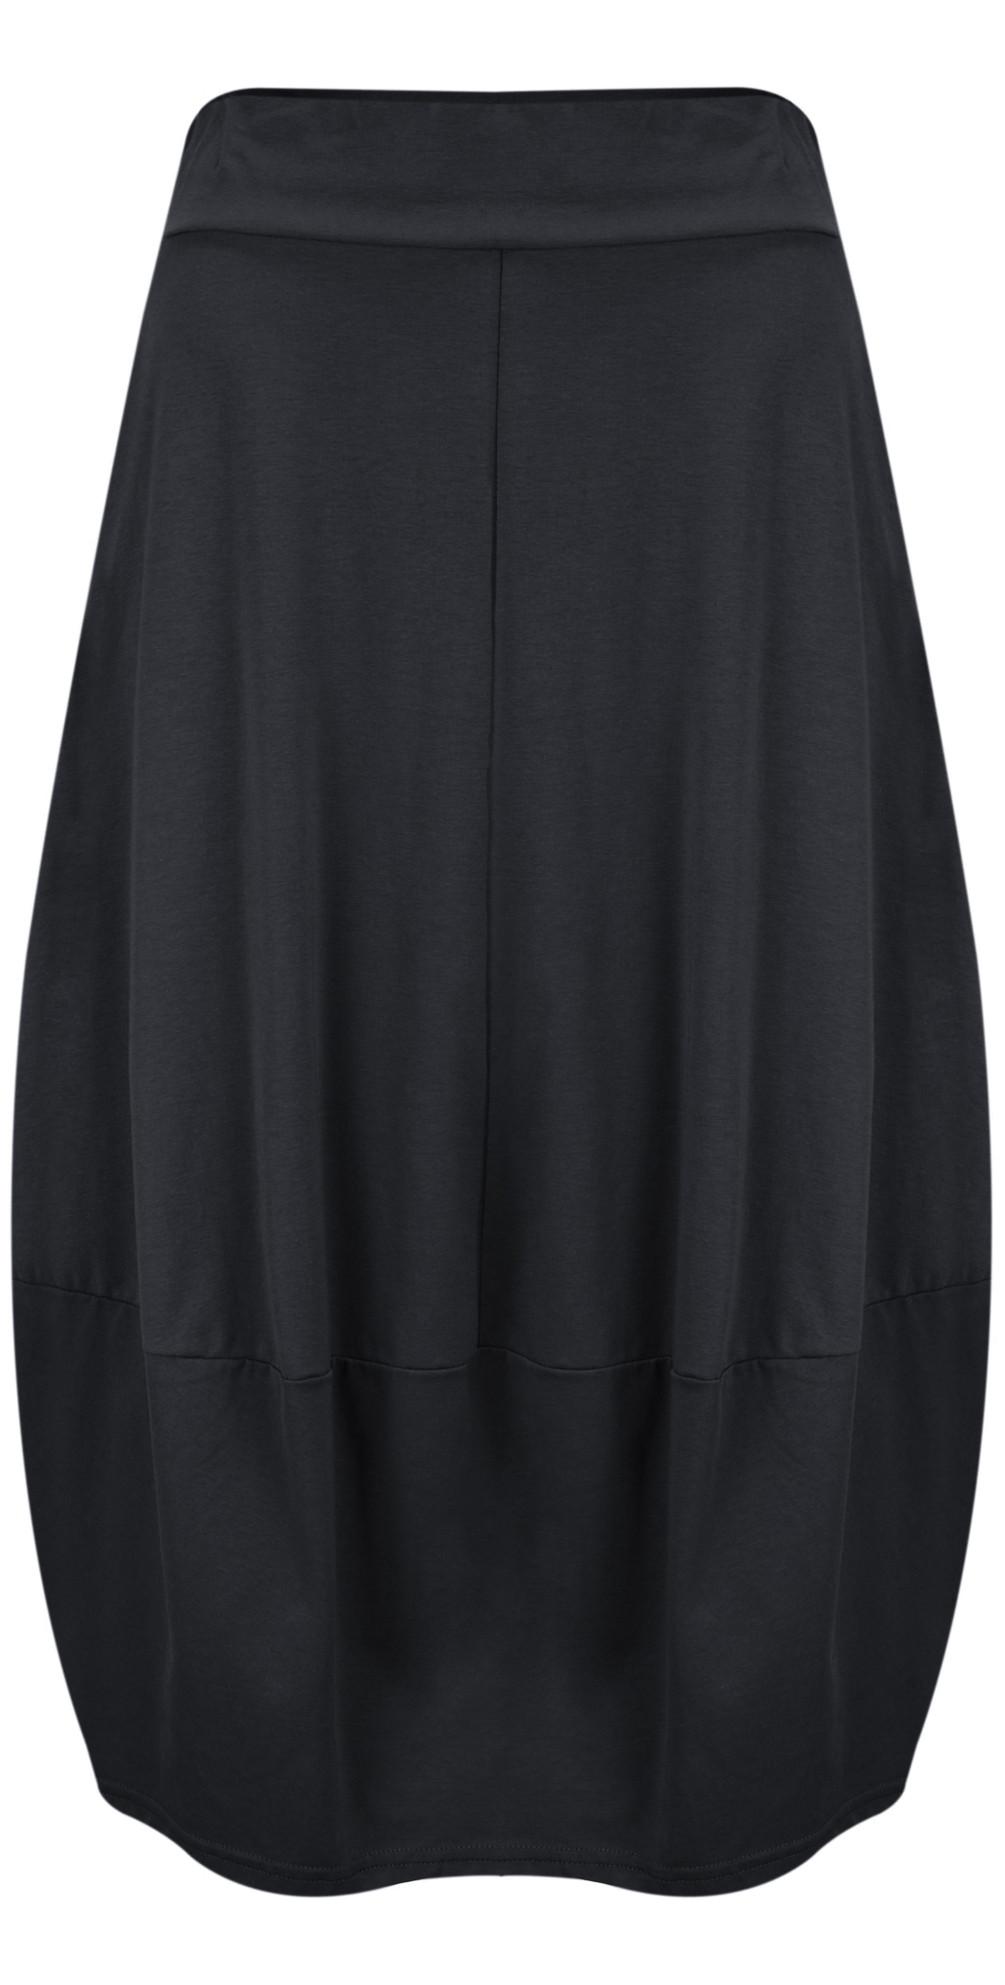 Paulette Skirt main image